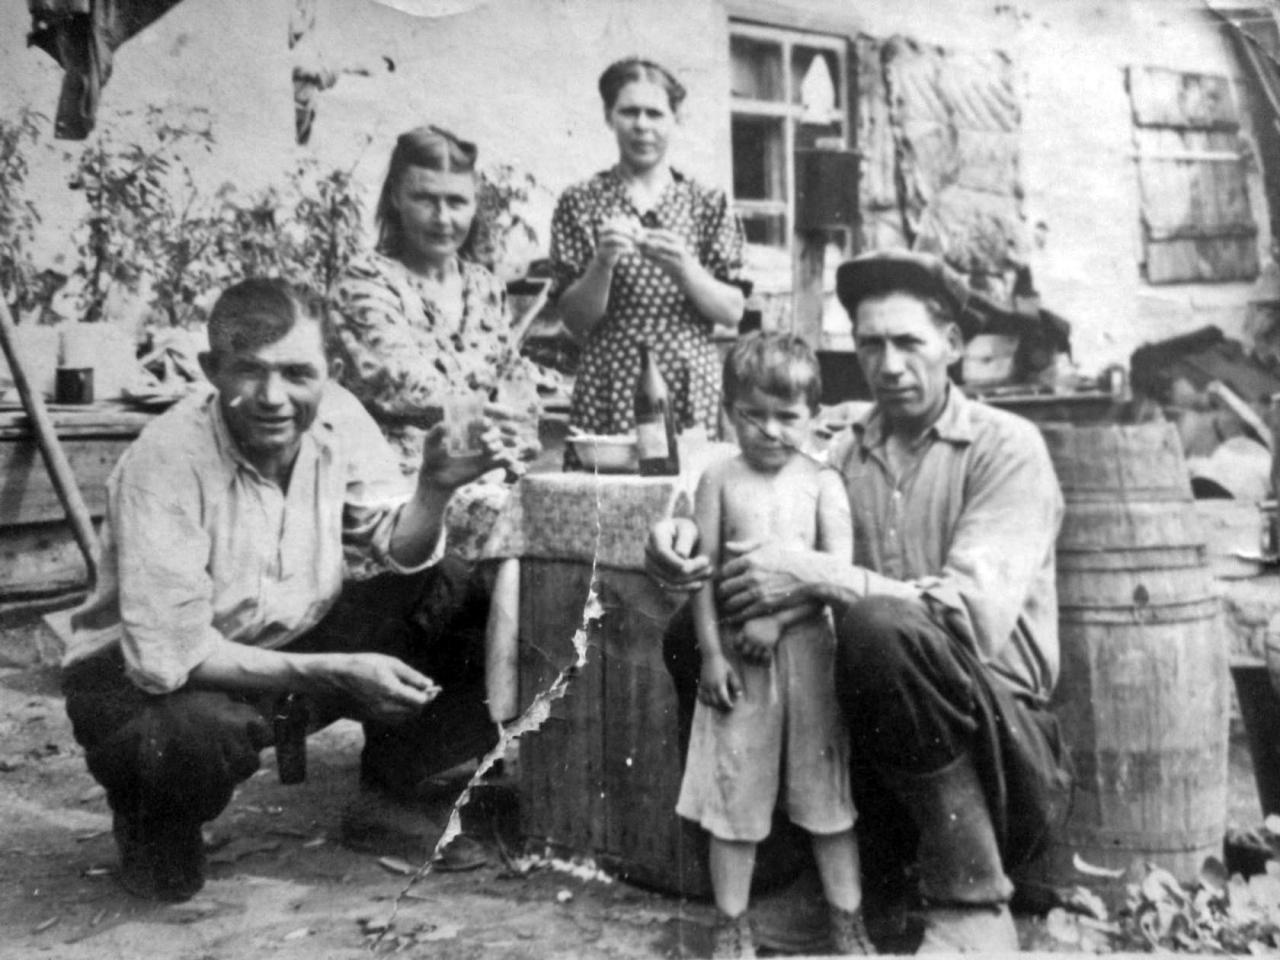 Родители в гостях у друзей. Посёлок Буркот. 50-e годы ХХ-го века. Из архива Александра Овчинникова.